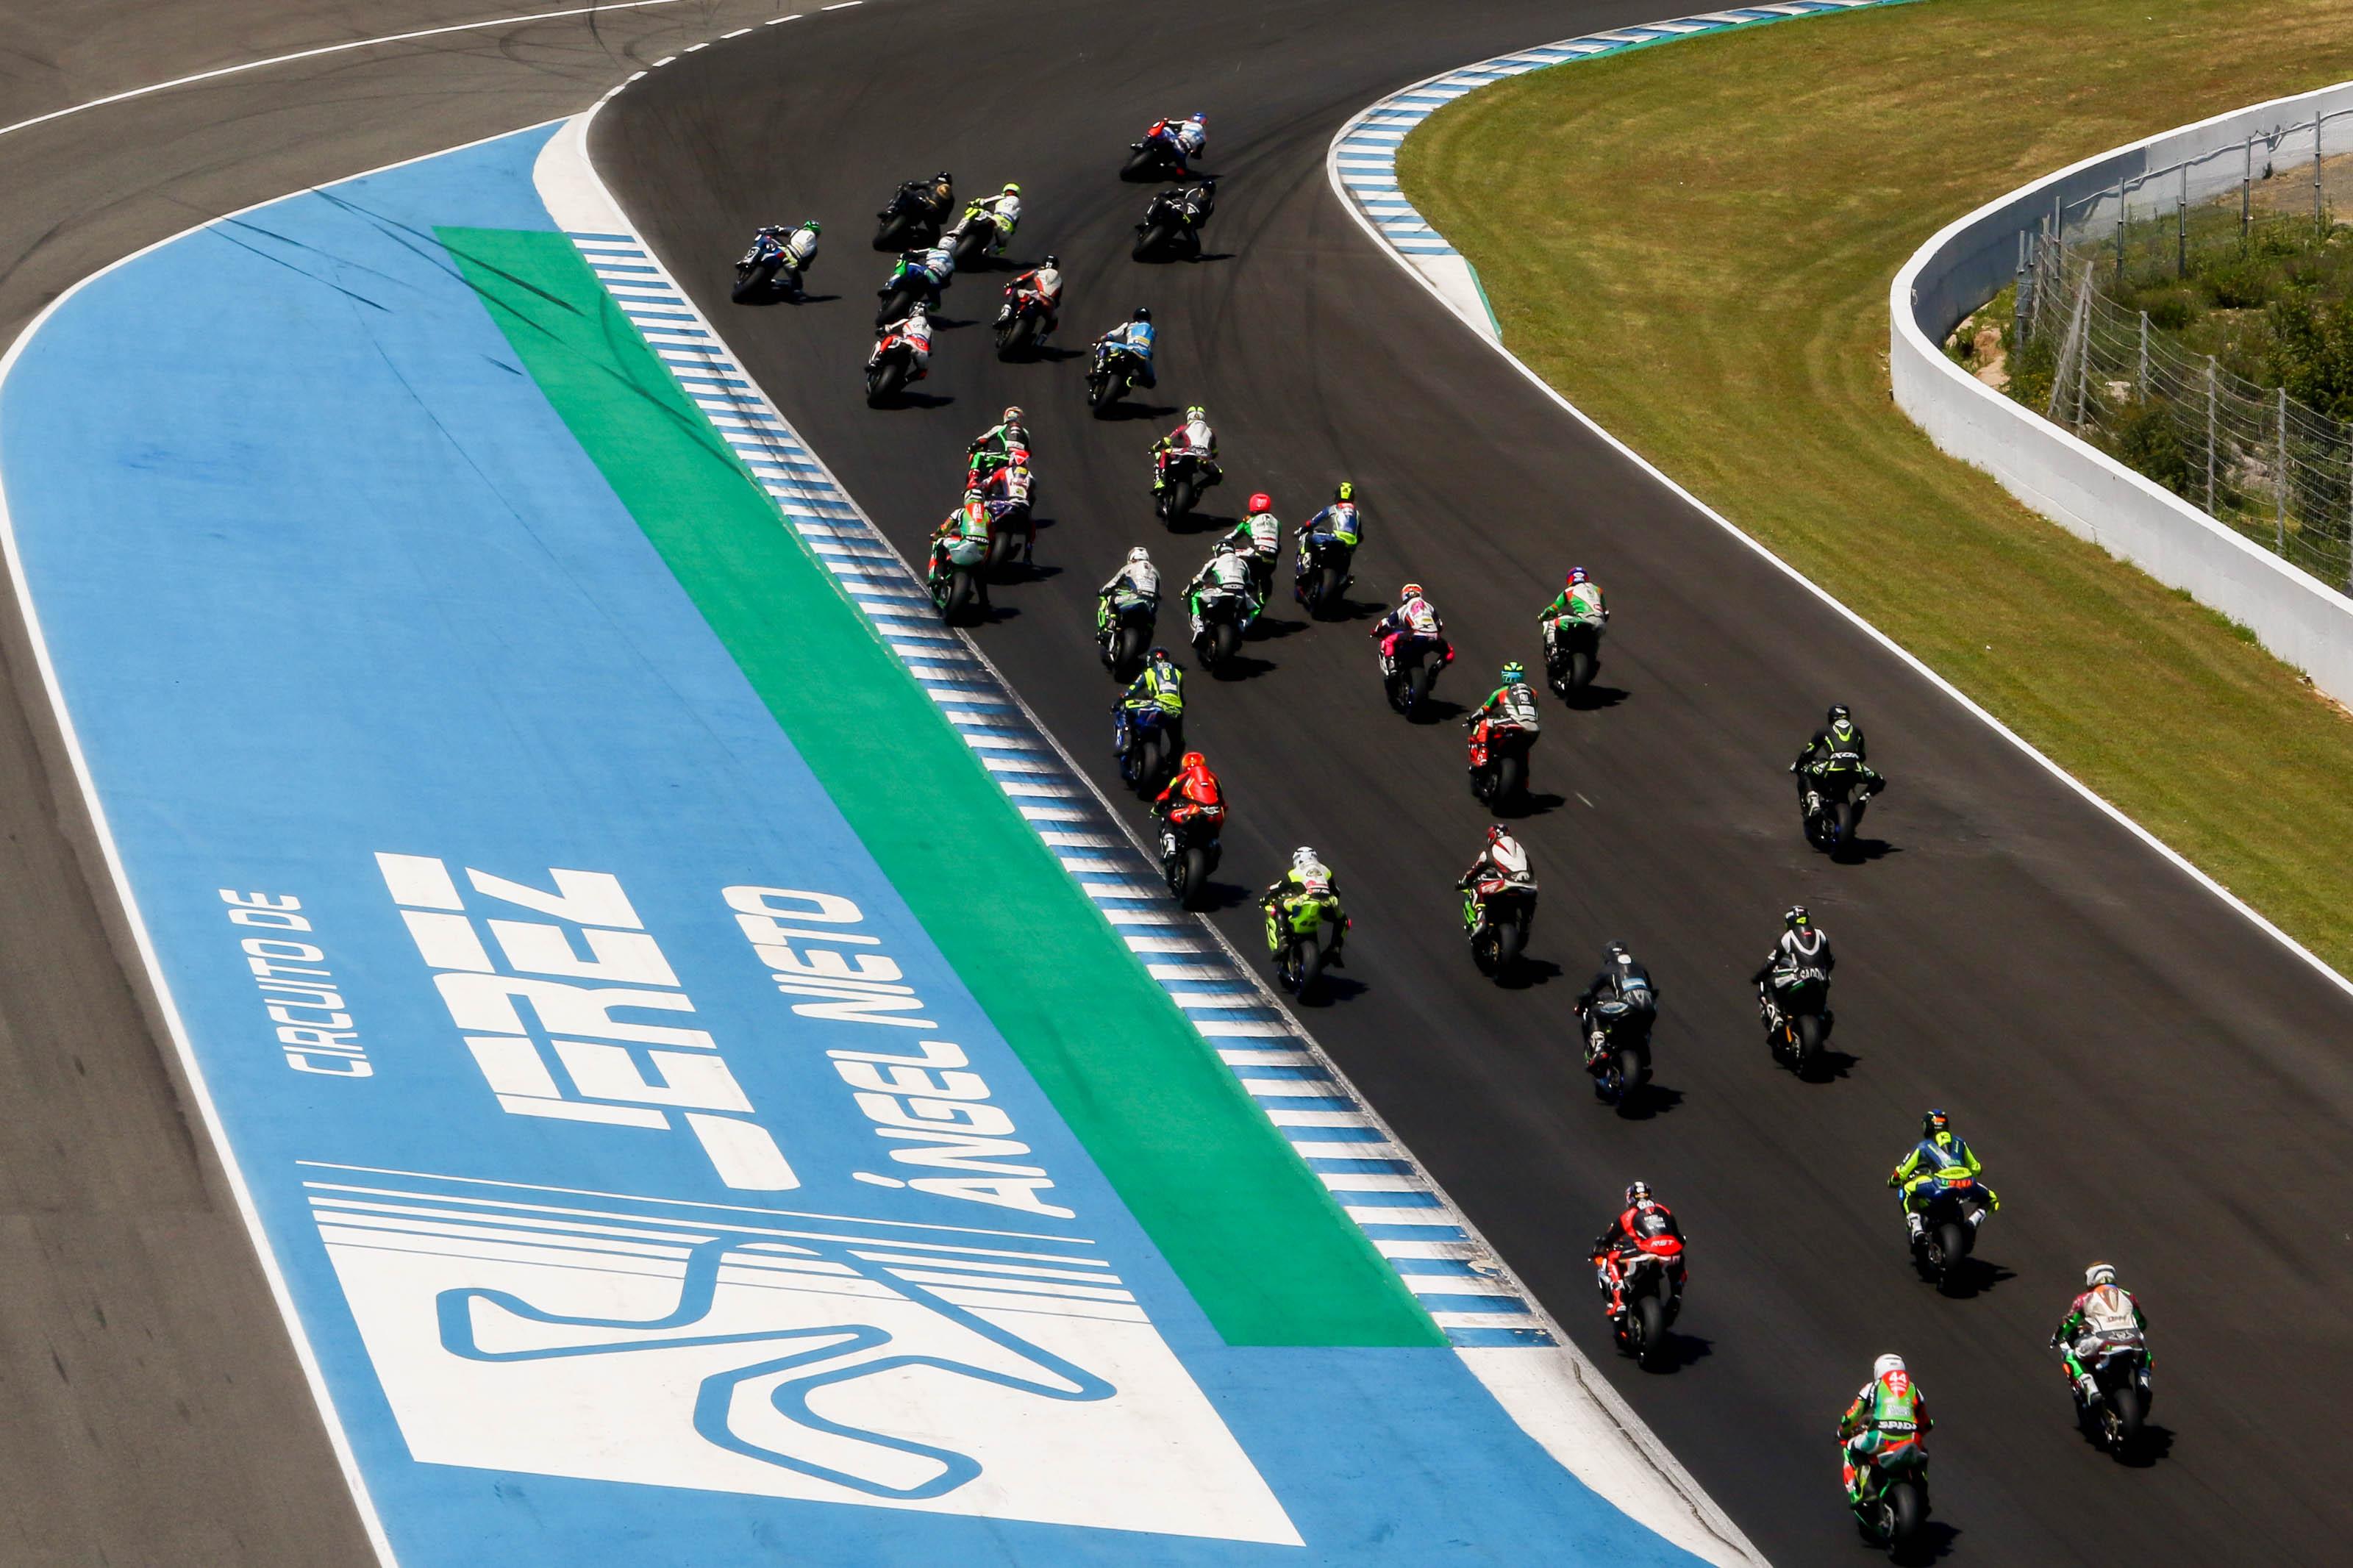 Circuito Jerez : Vídeo marini explica las claves del circuito de jerez